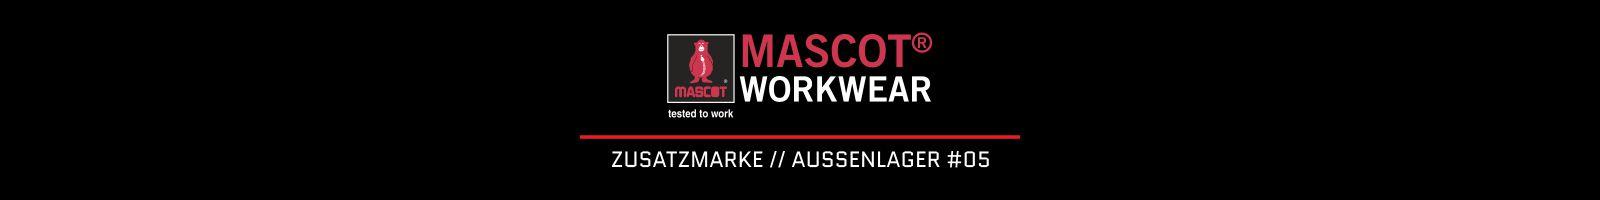 Kategorie-Marken => Mascot Workwear